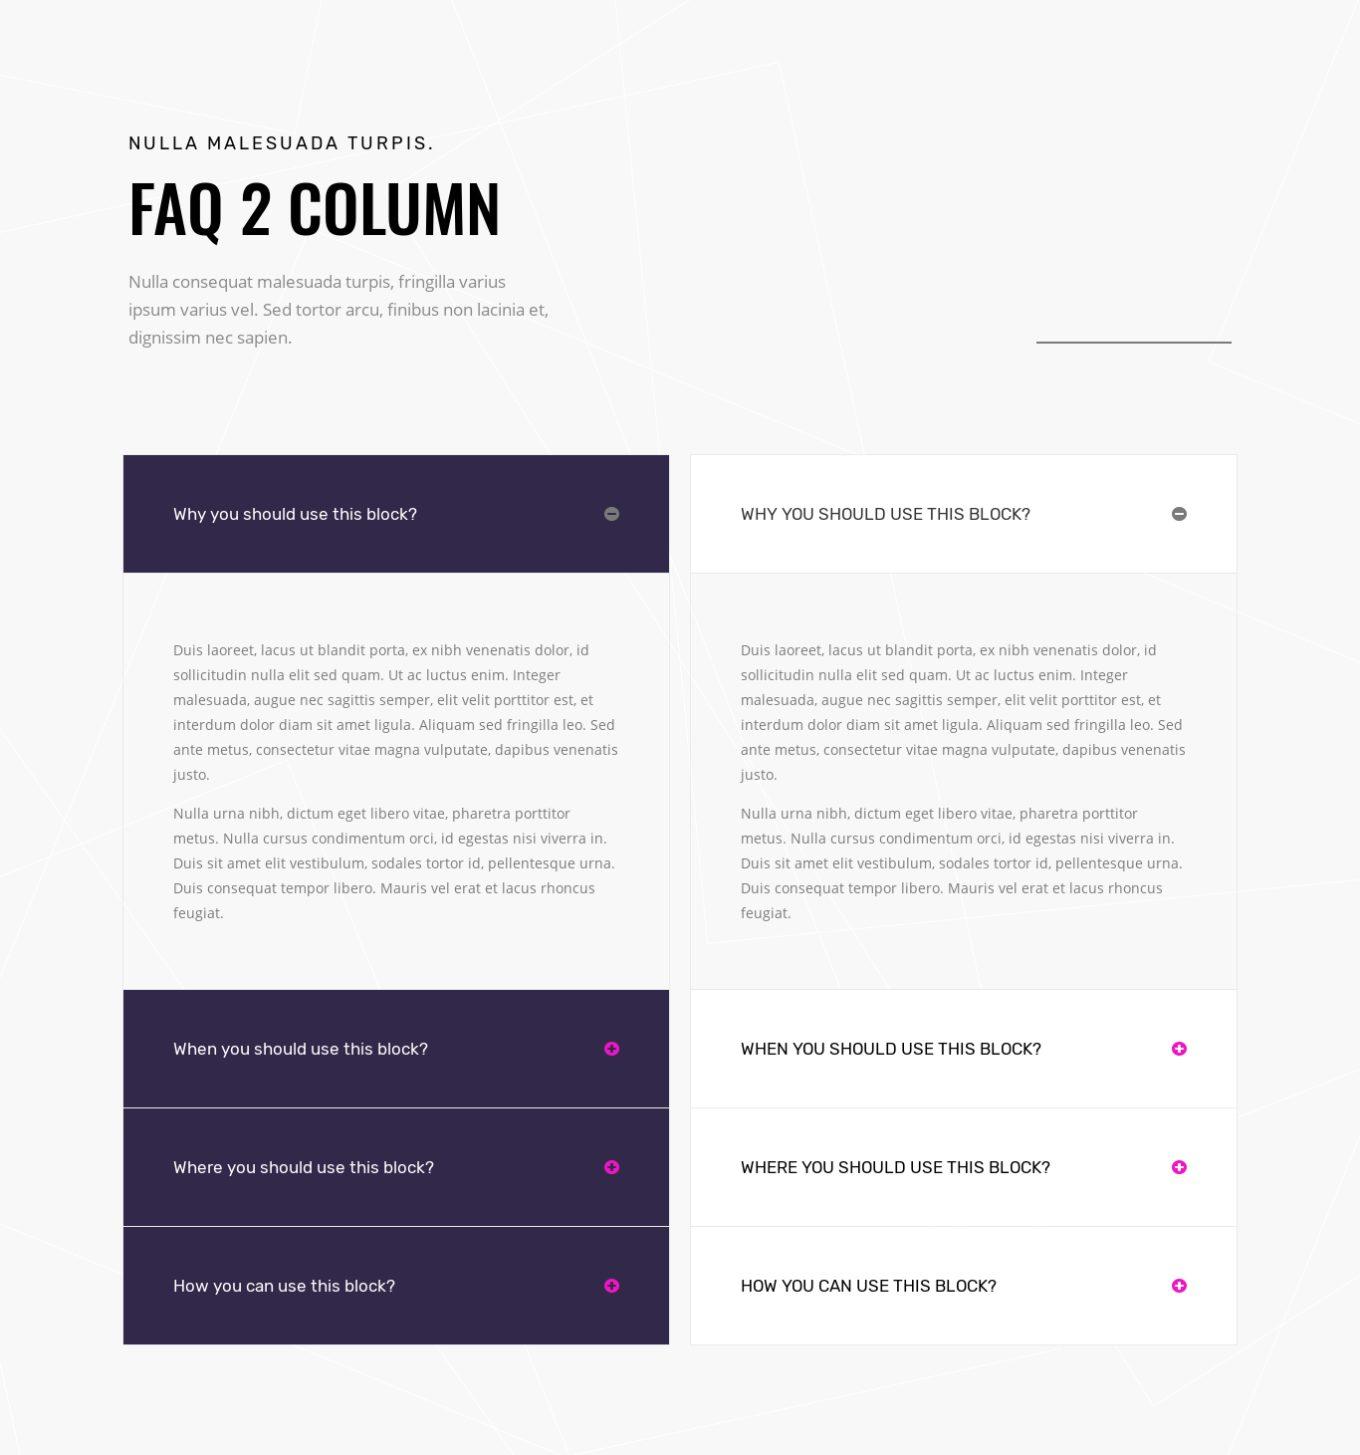 FAQ 25